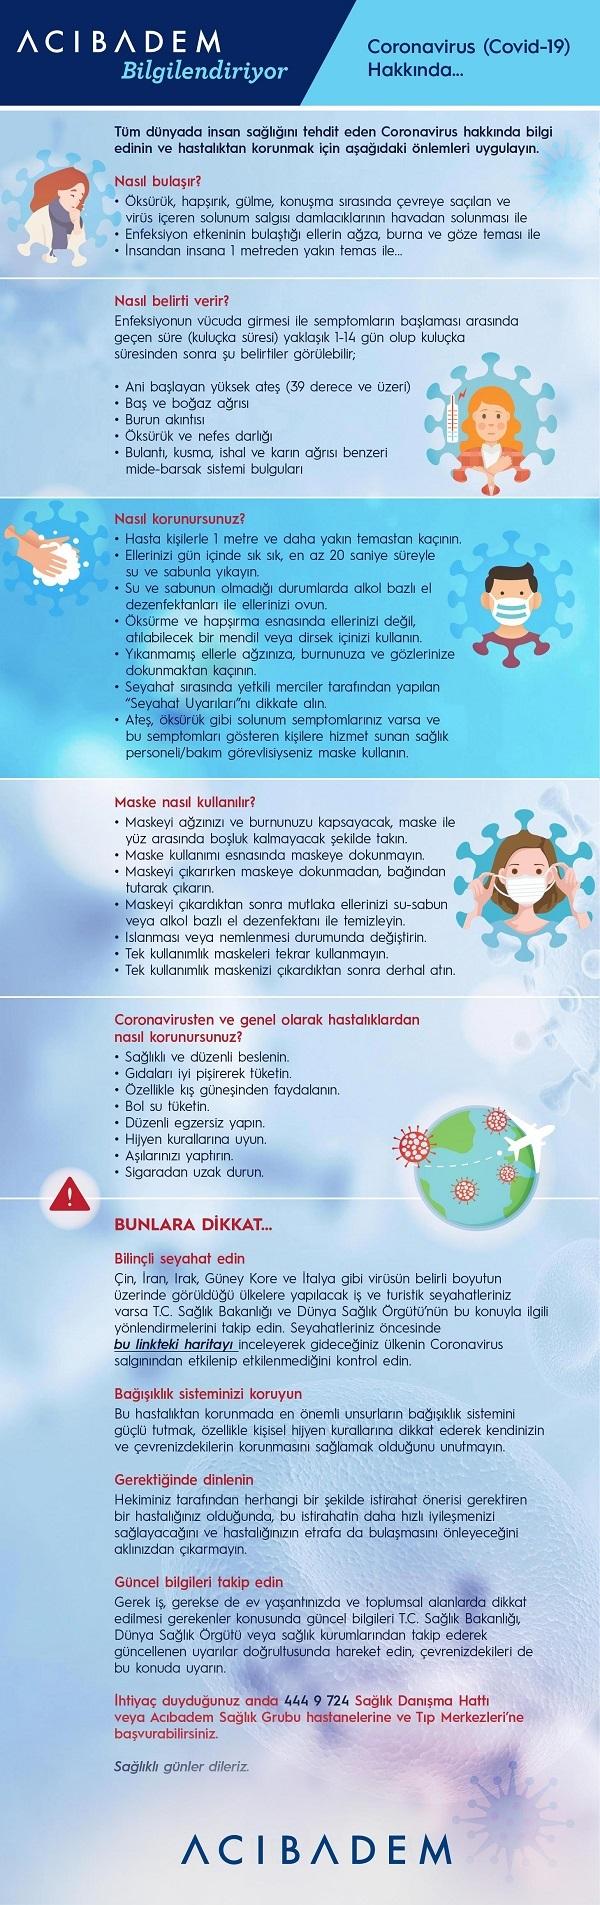 coronavirus_hakkinda.jpg